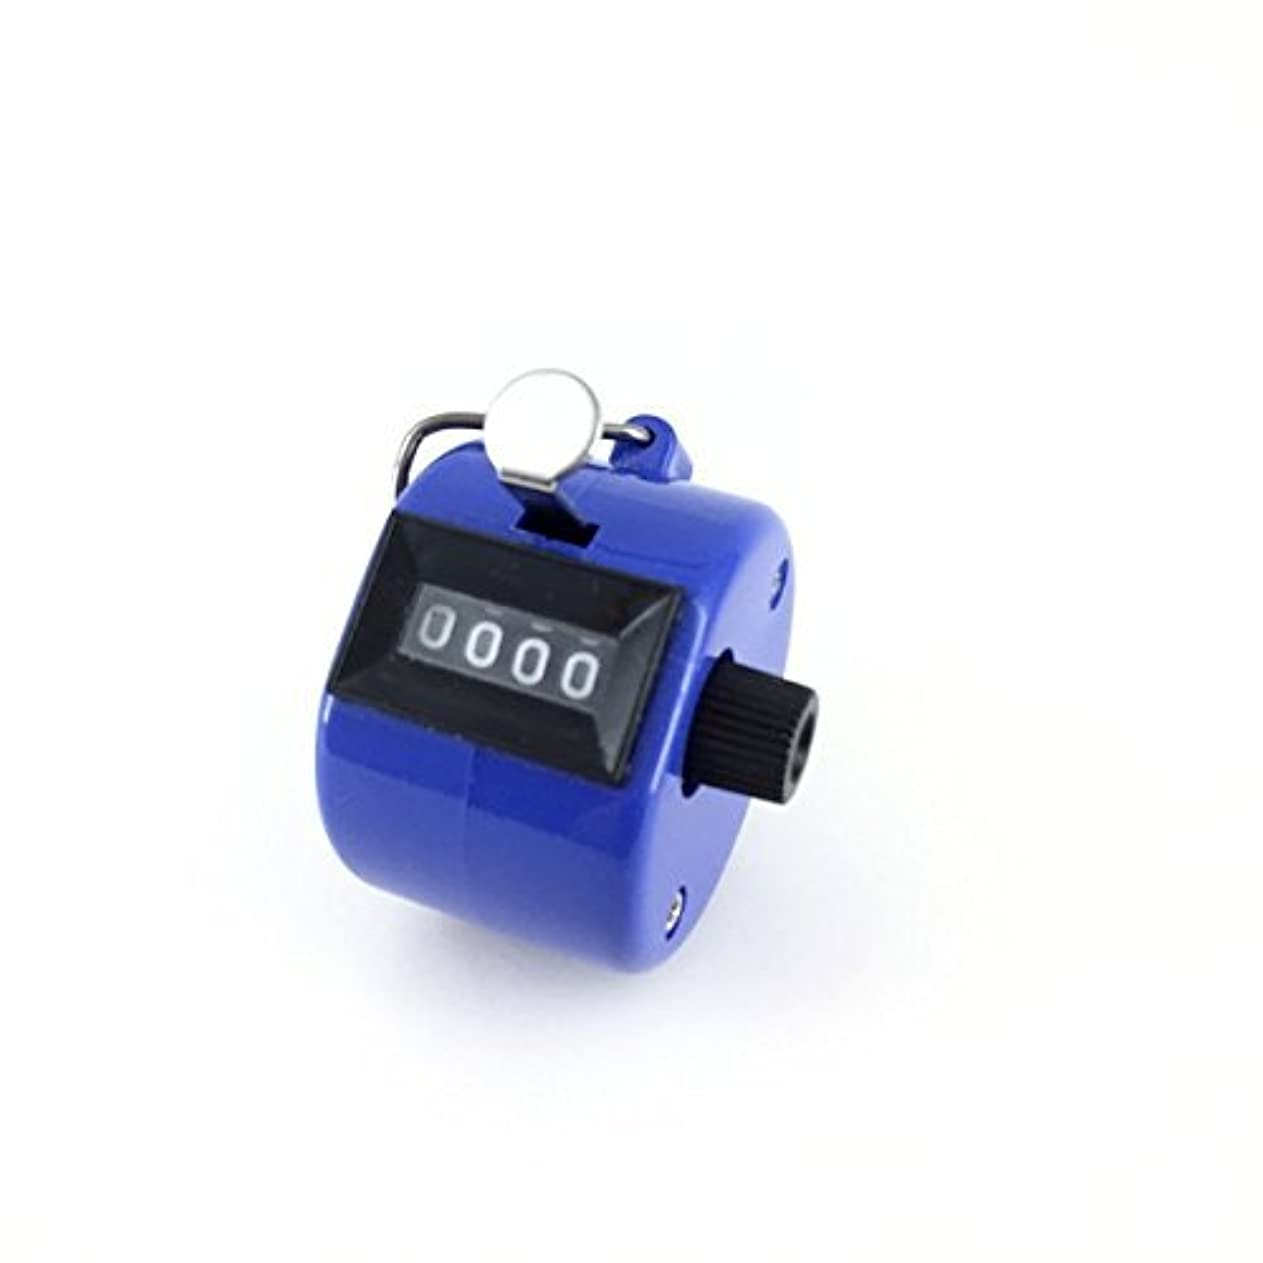 終わったライセンスダーベビルのテスエクステカウンター 手持ちホルダー付き 数取器 まつげエクステ用品 カラー4色 (ブルー)